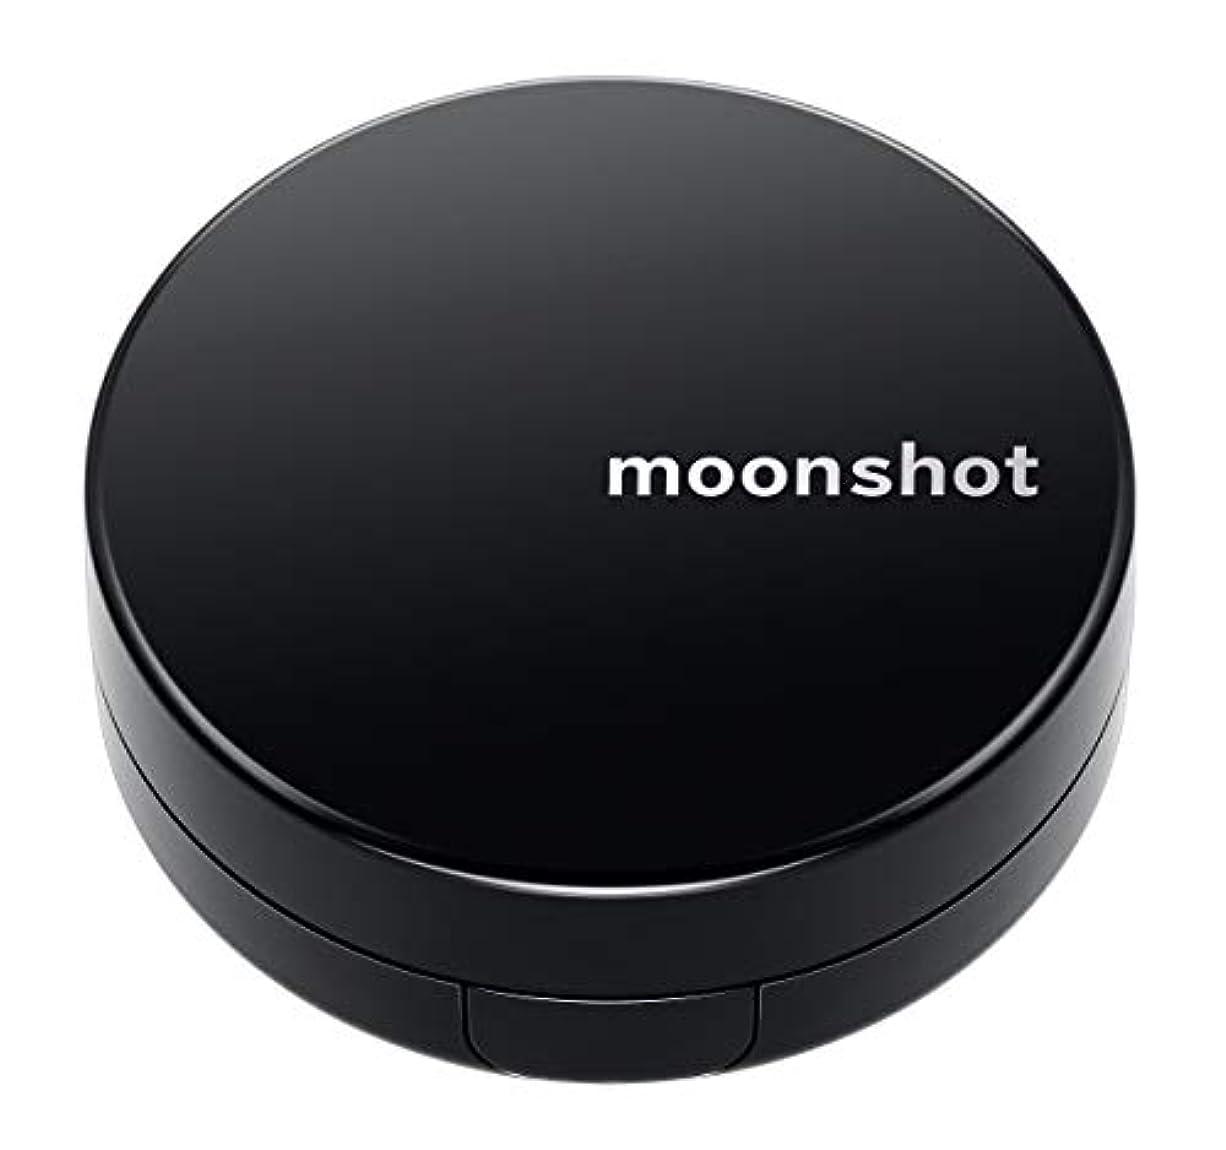 核平らにする絡まる【moonshot × blackpink】自然なスキントーンと均一なカバー力 しわ改善 美白 紫外線遮断 ムーンショット マイクロフィットクッション201/正規品